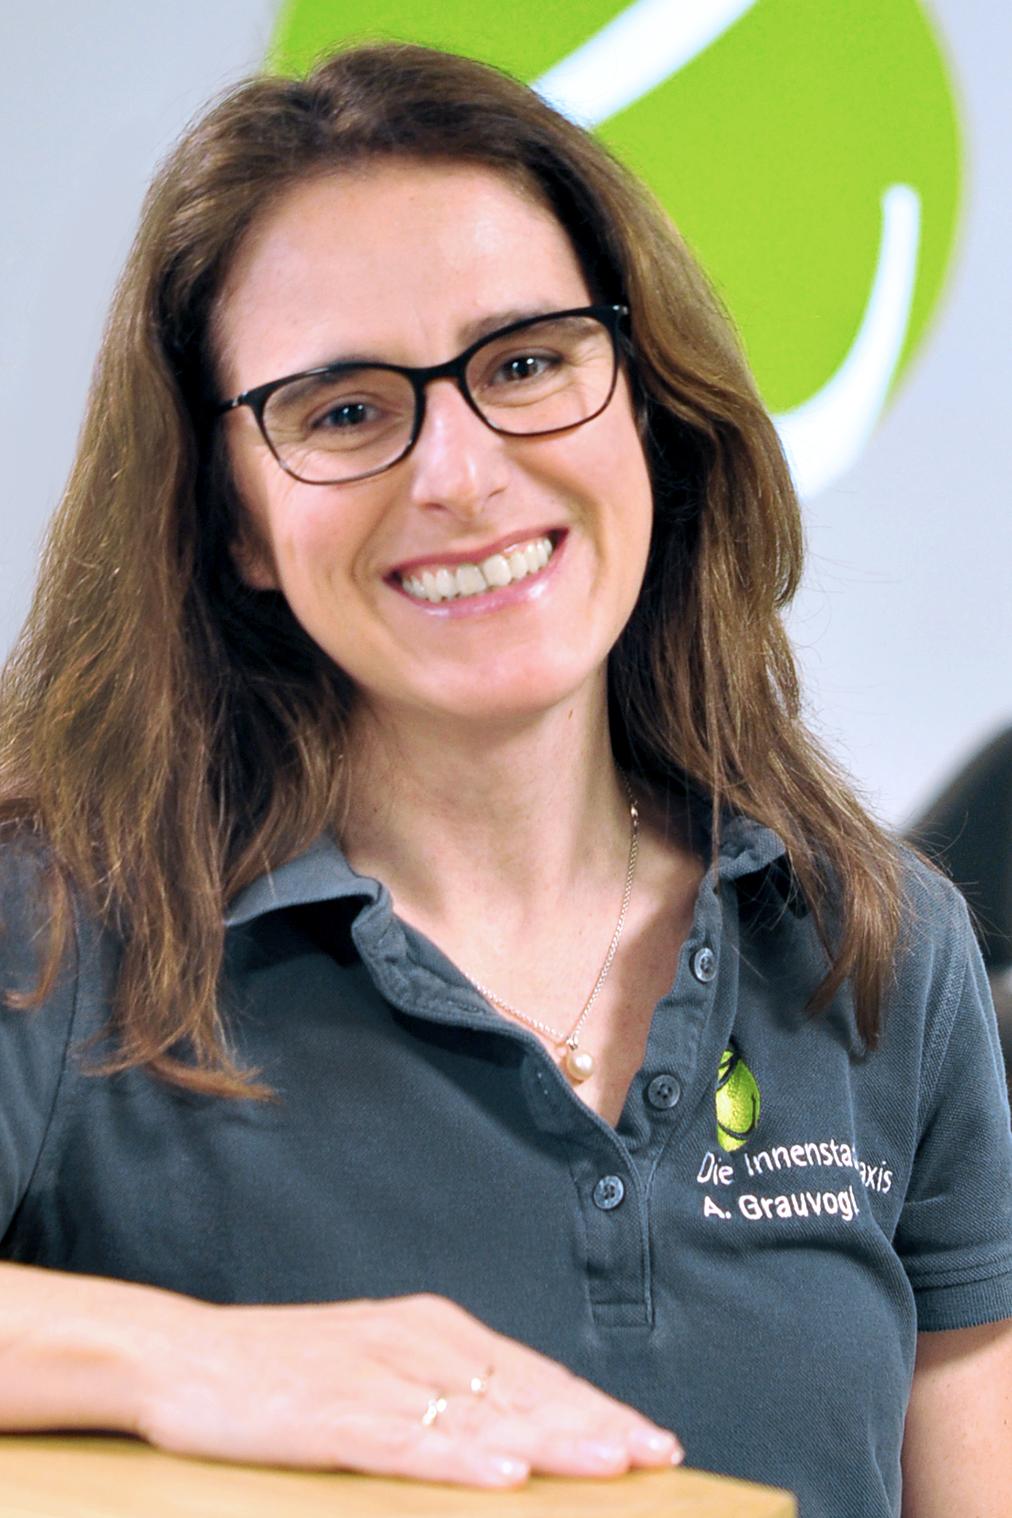 Andrea Grauvogl